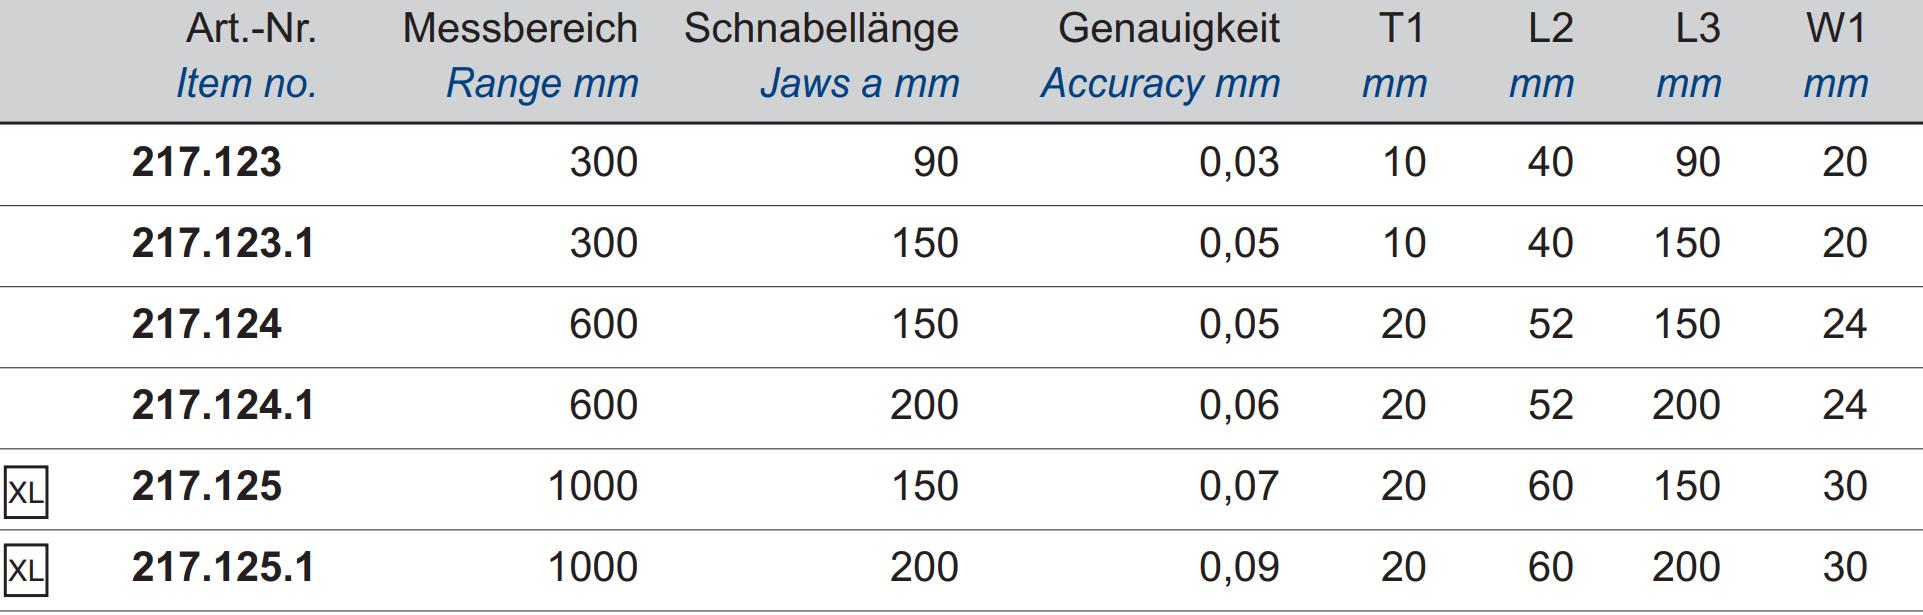 Digital-Werkstatt-Messschieber - IP65 Schutz